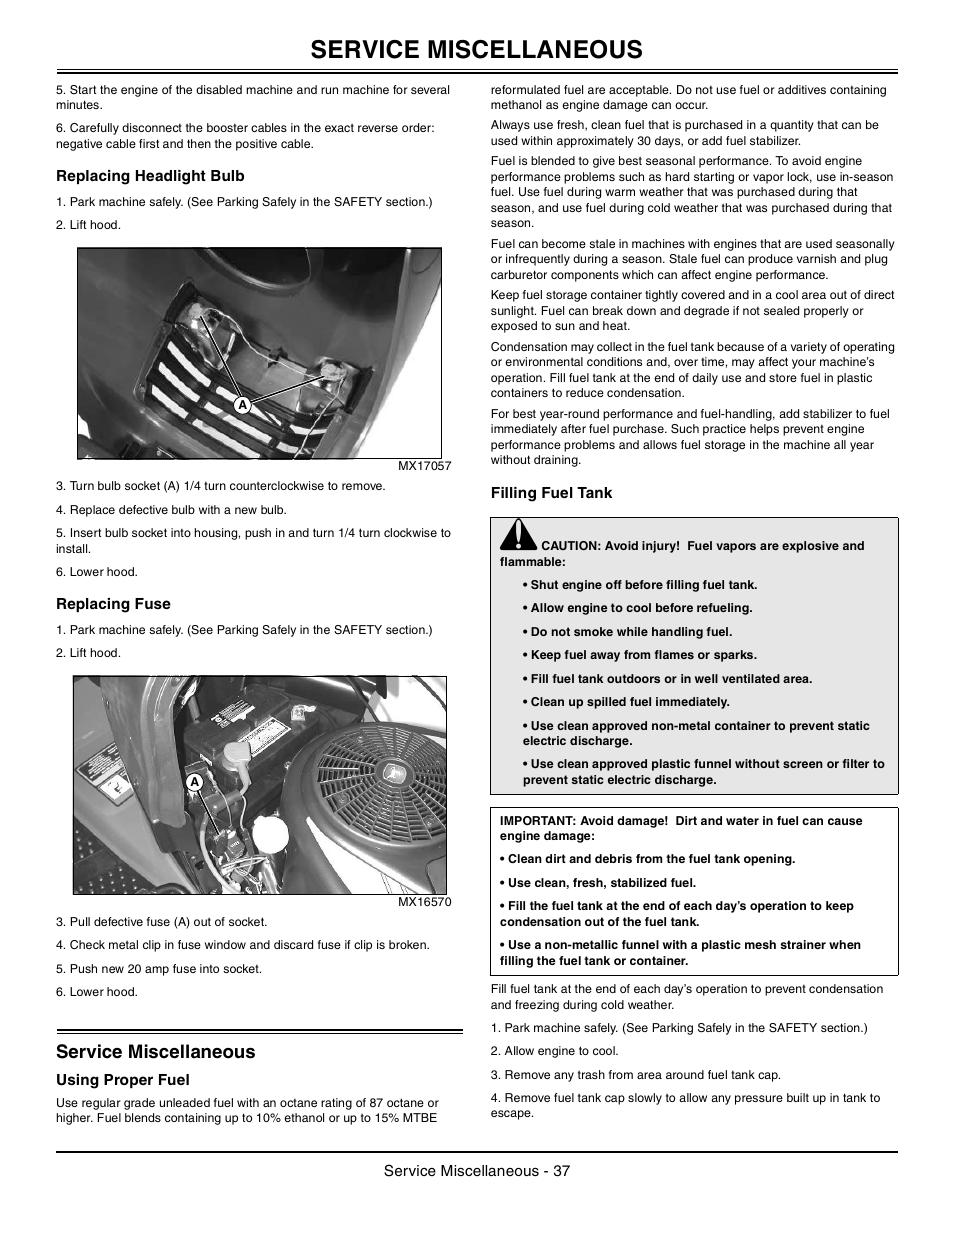 La105 John Deere Manual The Best Deer Of 2018 Wiring Diagram 6 2010 Service Steering And Brakes